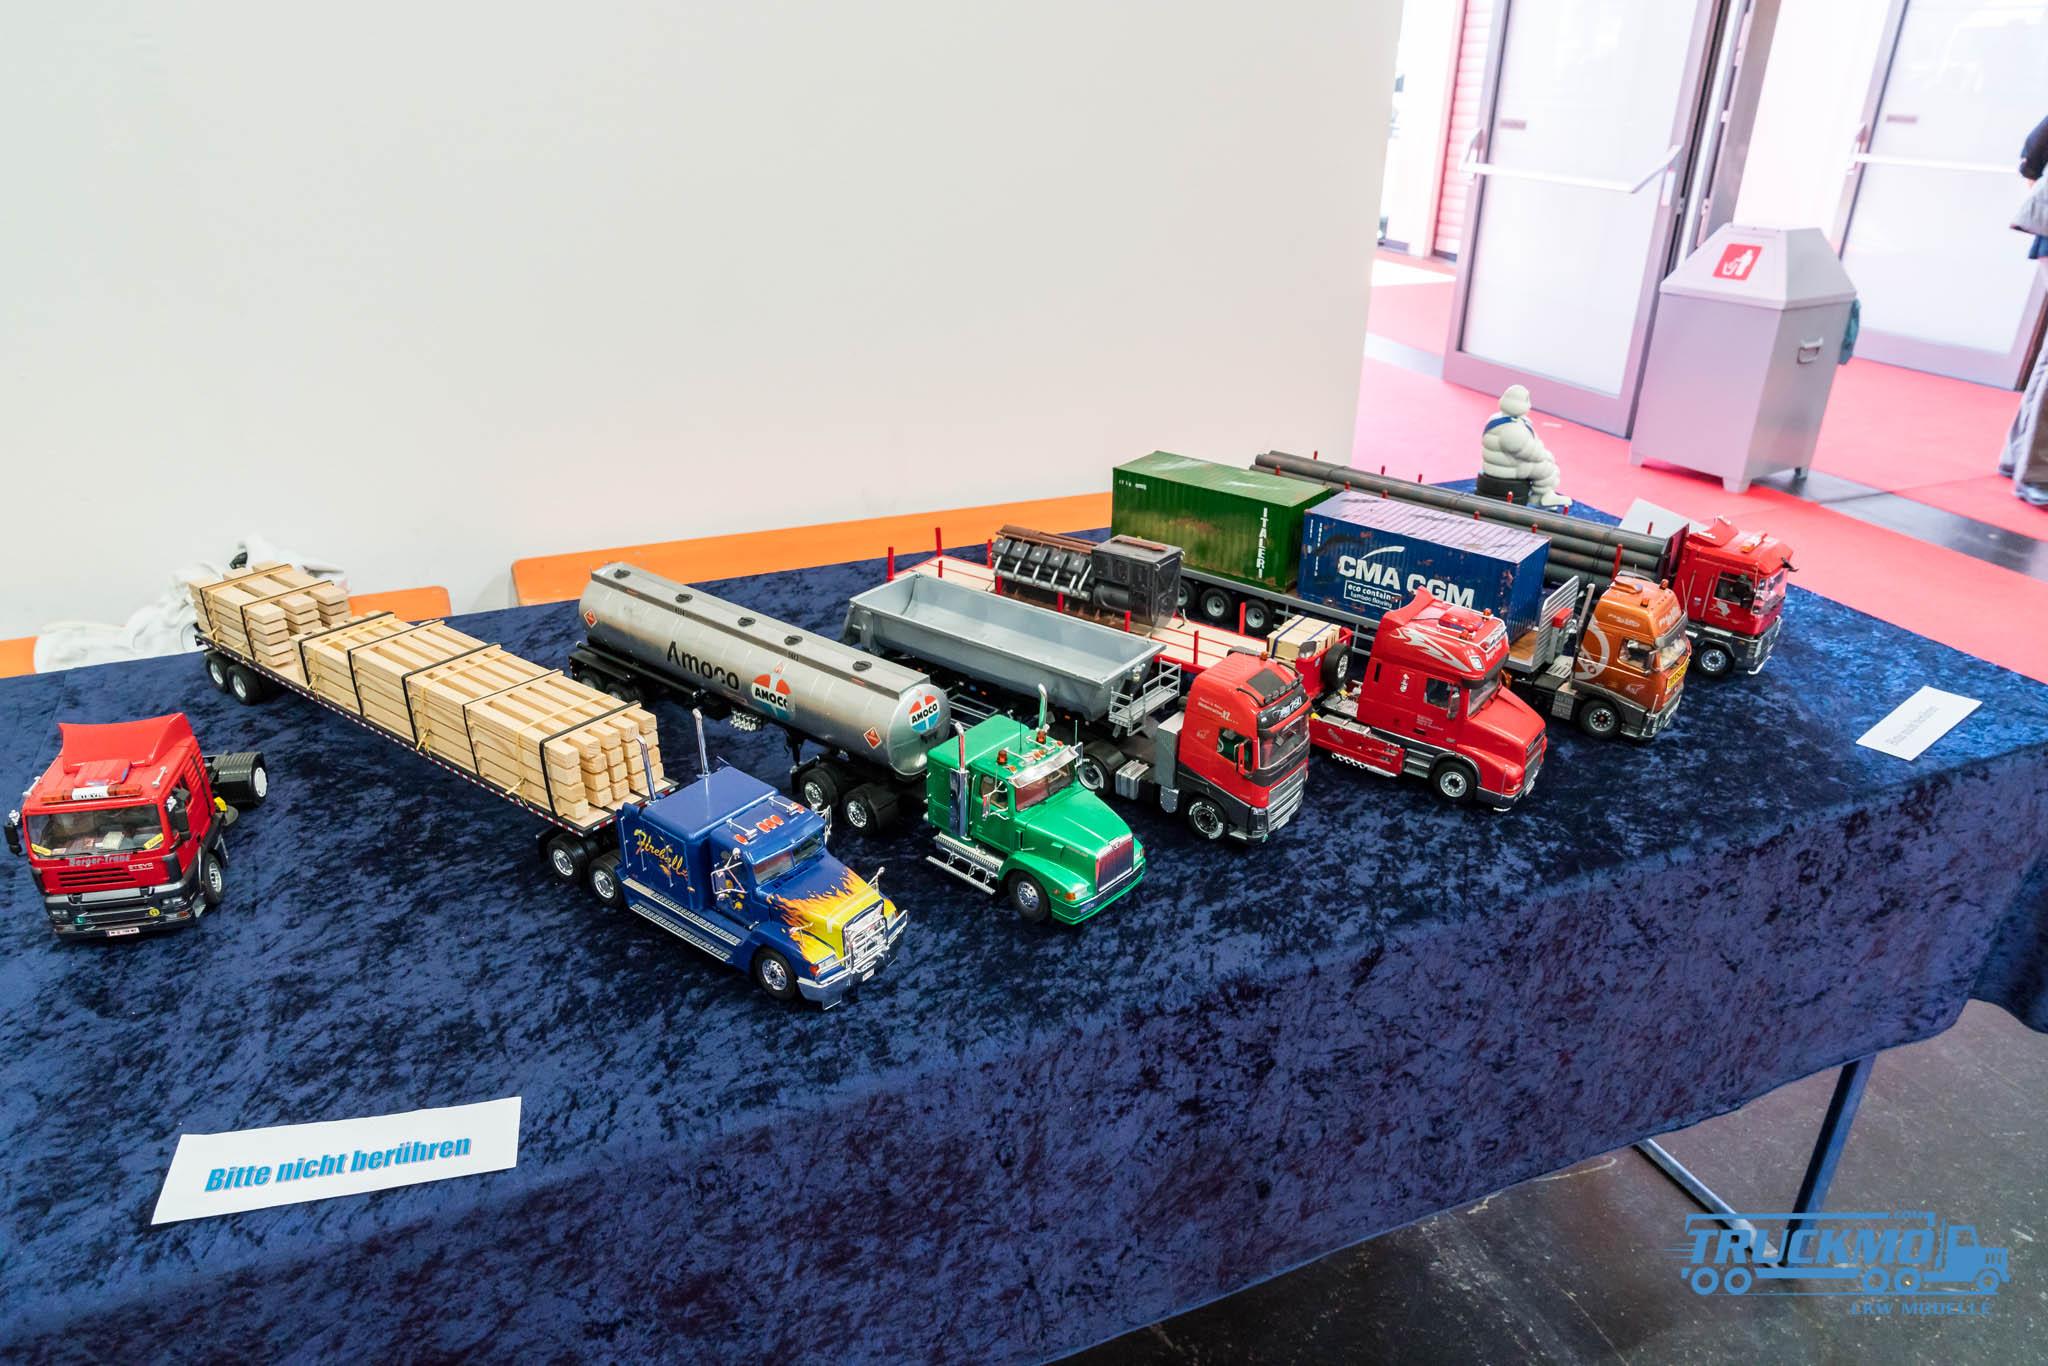 Truckmo_Modellbau_Ried_2017_Herpa_Messe_Modellbauausstellung (295 von 1177)